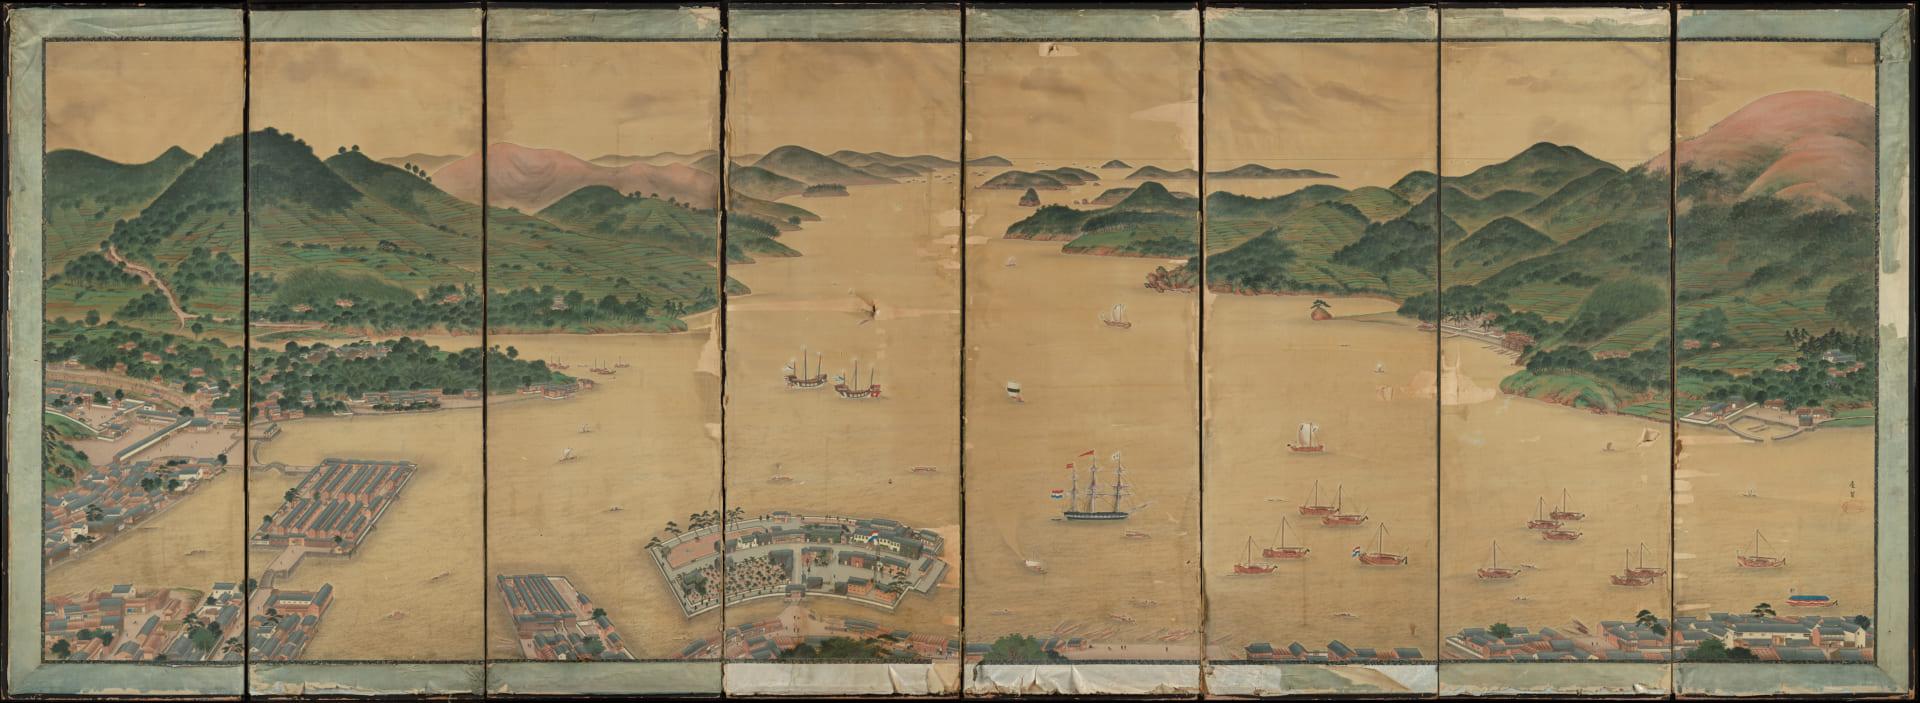 江戸時代後期の絵師・川原慶賀の傑作屏風作品「長崎湾の出島の風景」が発見オランダ・ライデン国立民族学博物館で約2週間の特別一般公開